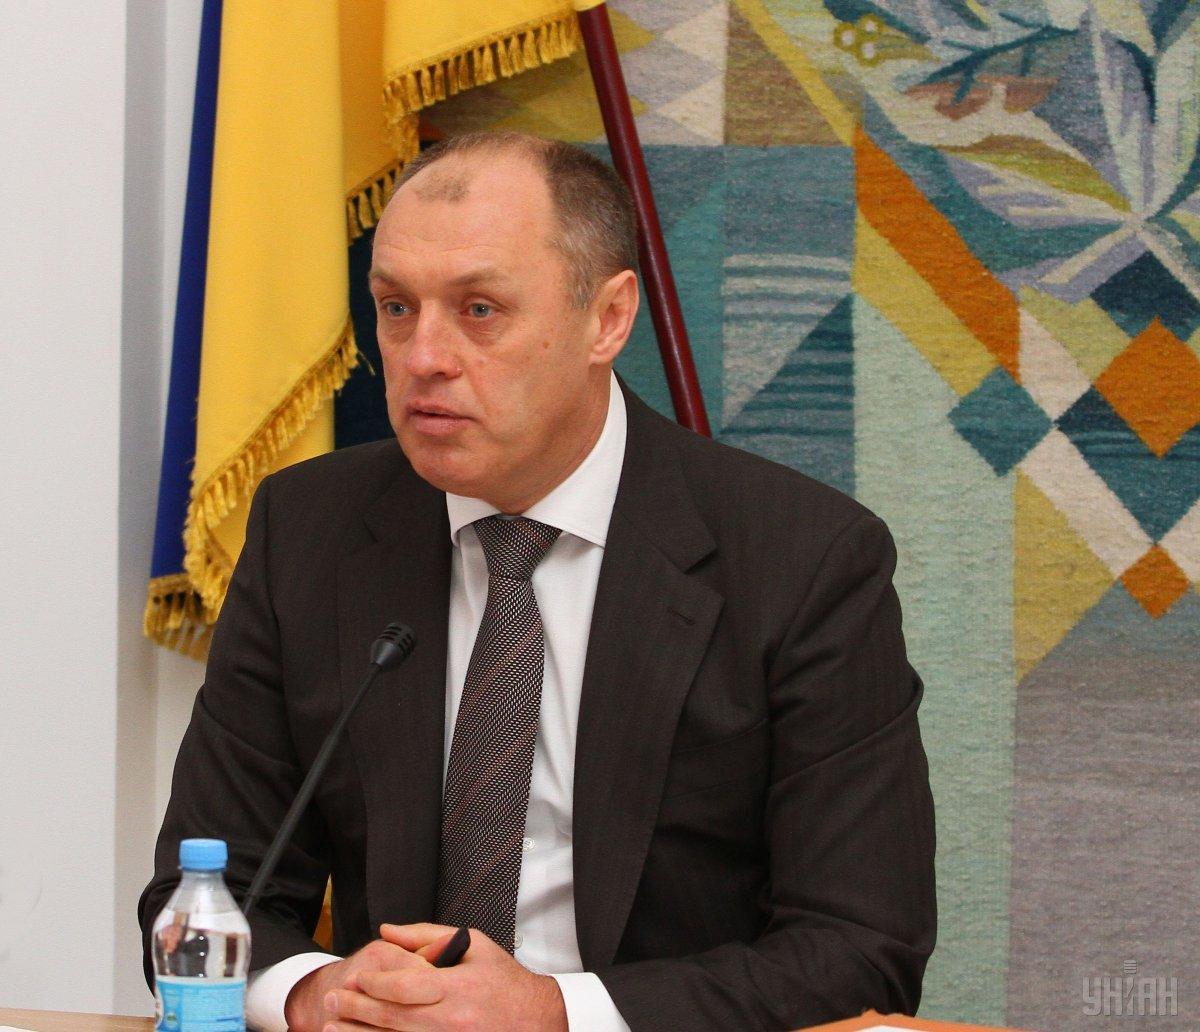 Полтавский окружной админсуд рассмотрит дело по иску Мамая до конца января 2019 года / фото УНИАН